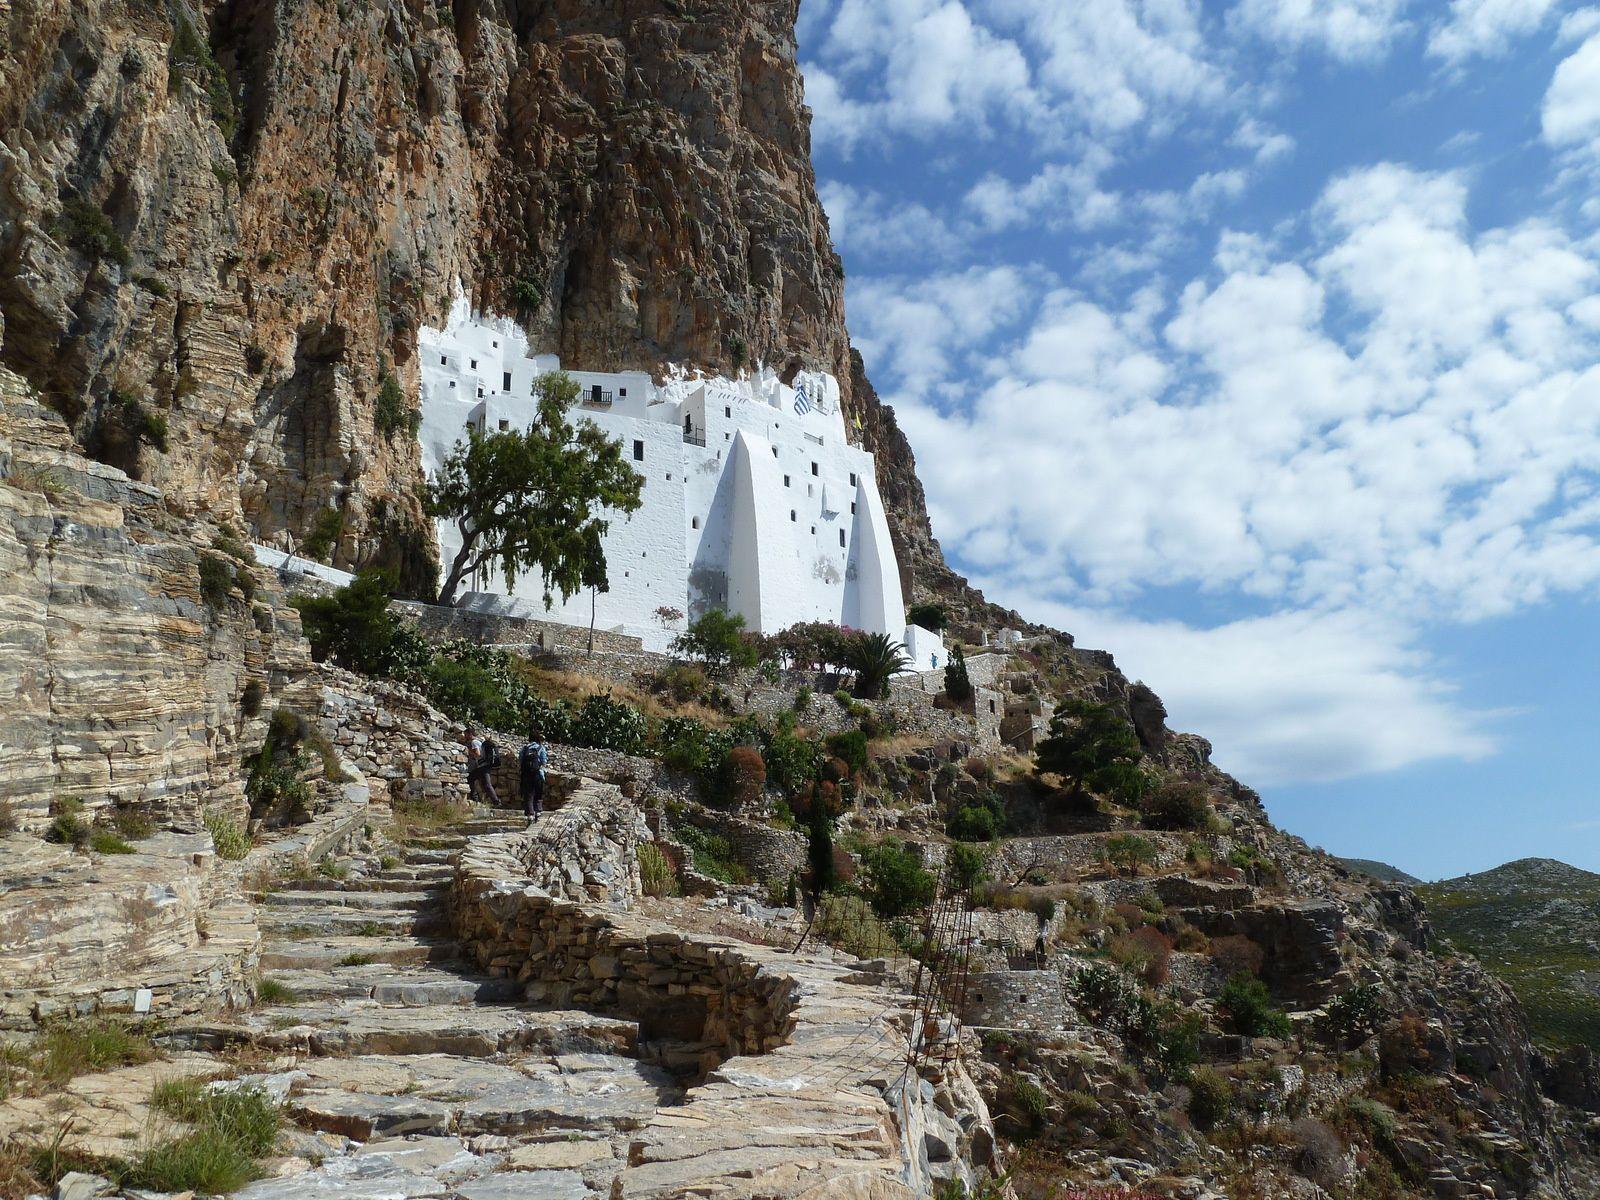 Le bus nous arrête en contre-bas, nous devons gravir une volée de larges marches de pierre vers le Monastère.